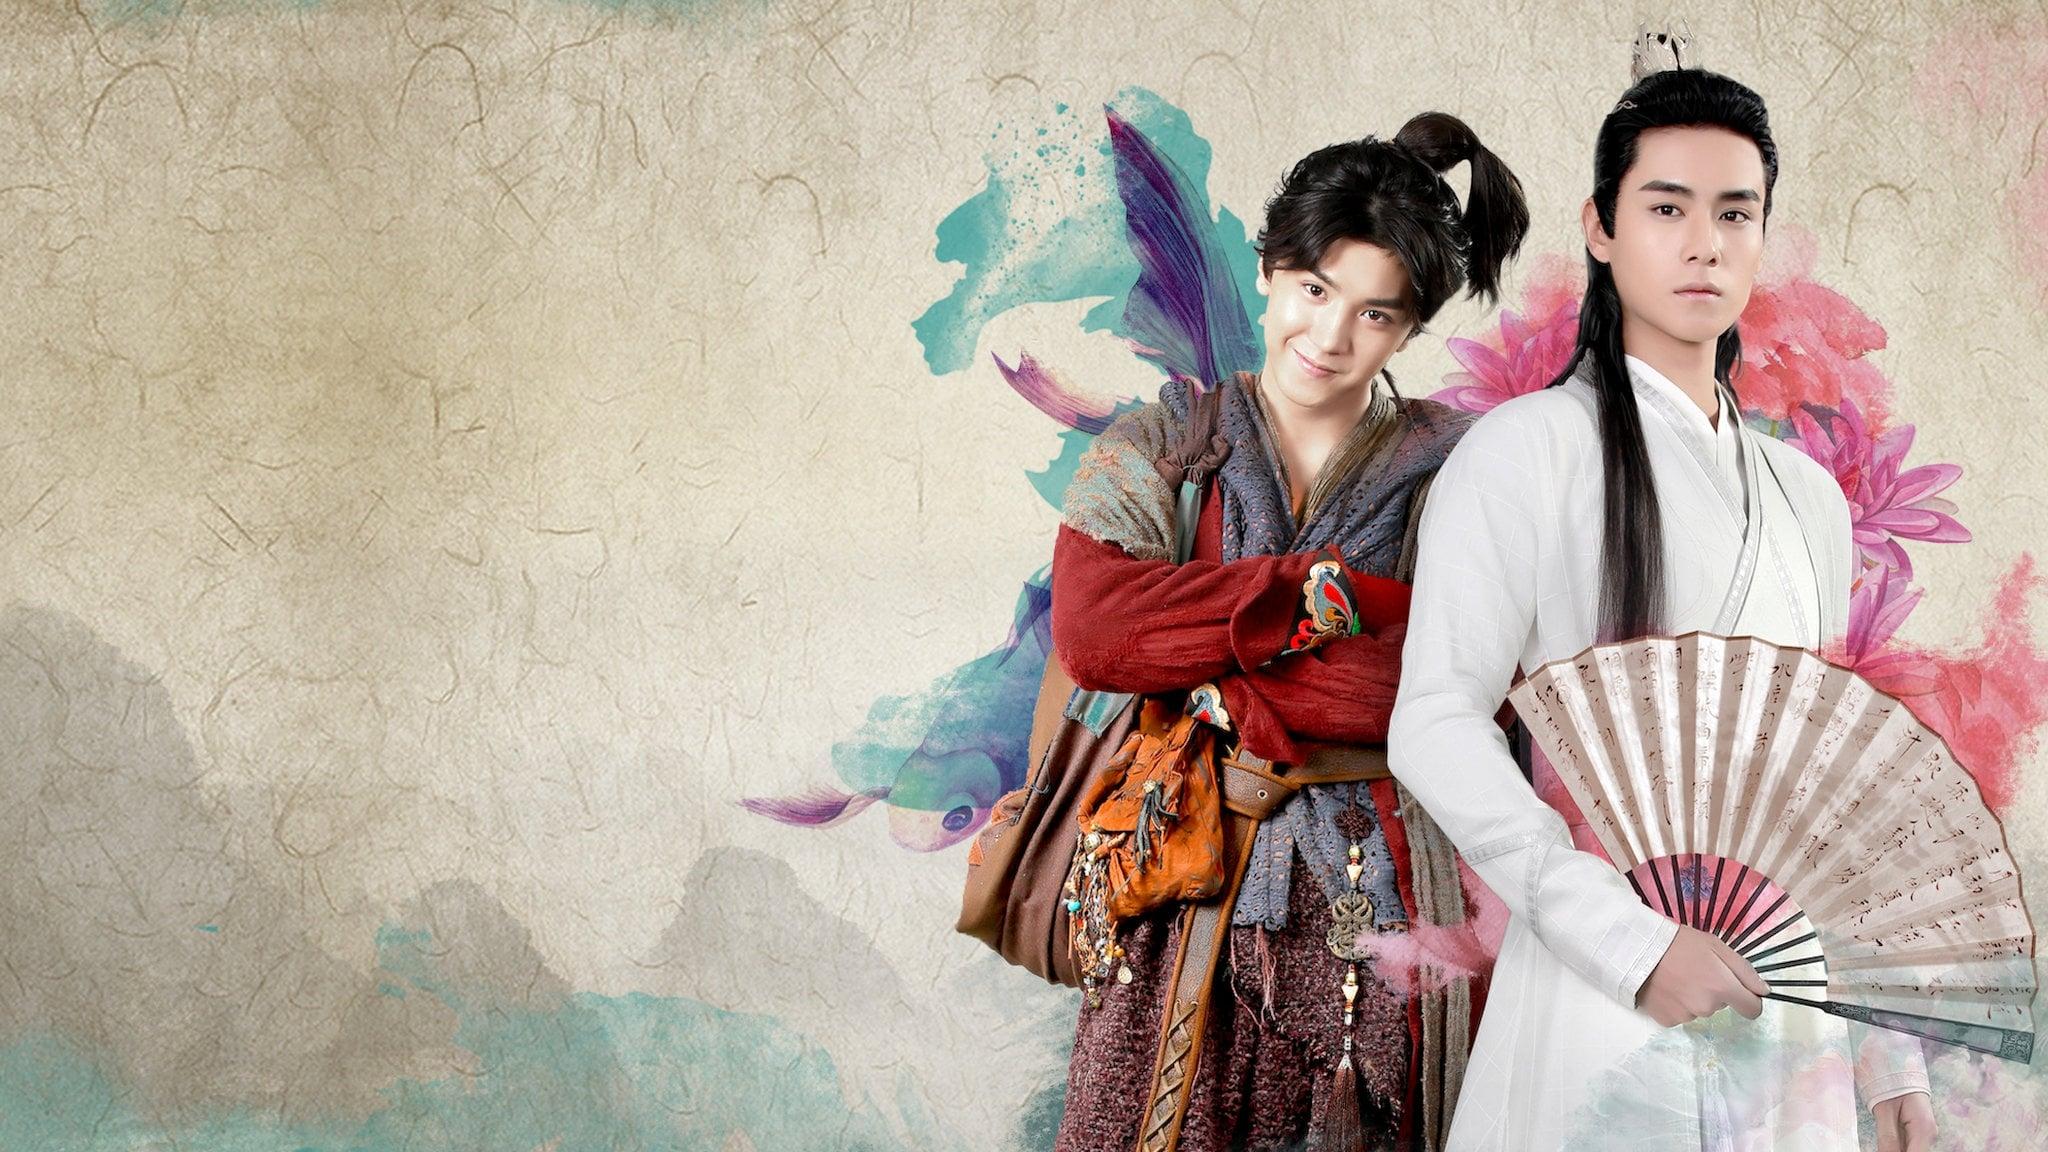 Xem Phim Tân Tuyệt Đại Song Kiều - Handsome Siblings Full Vietsub | Thuyết Minh HD Online